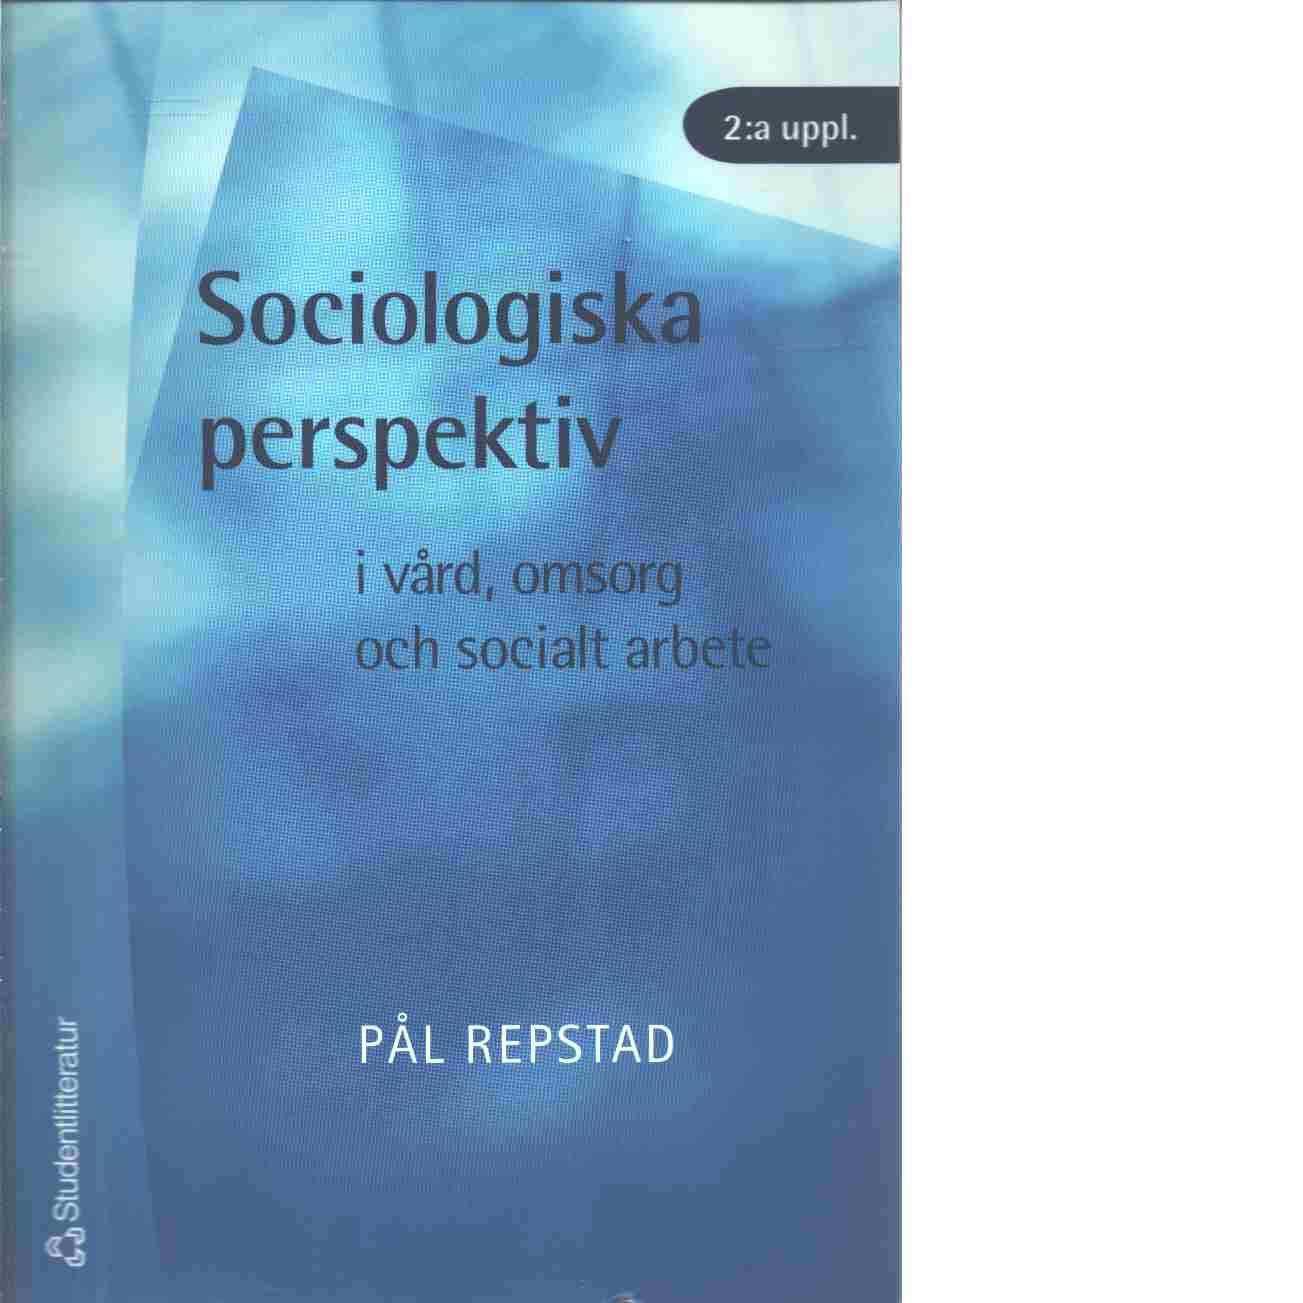 Sociologiska perspektiv i vård, omsorg och socialt arbete - Repstad, Pål